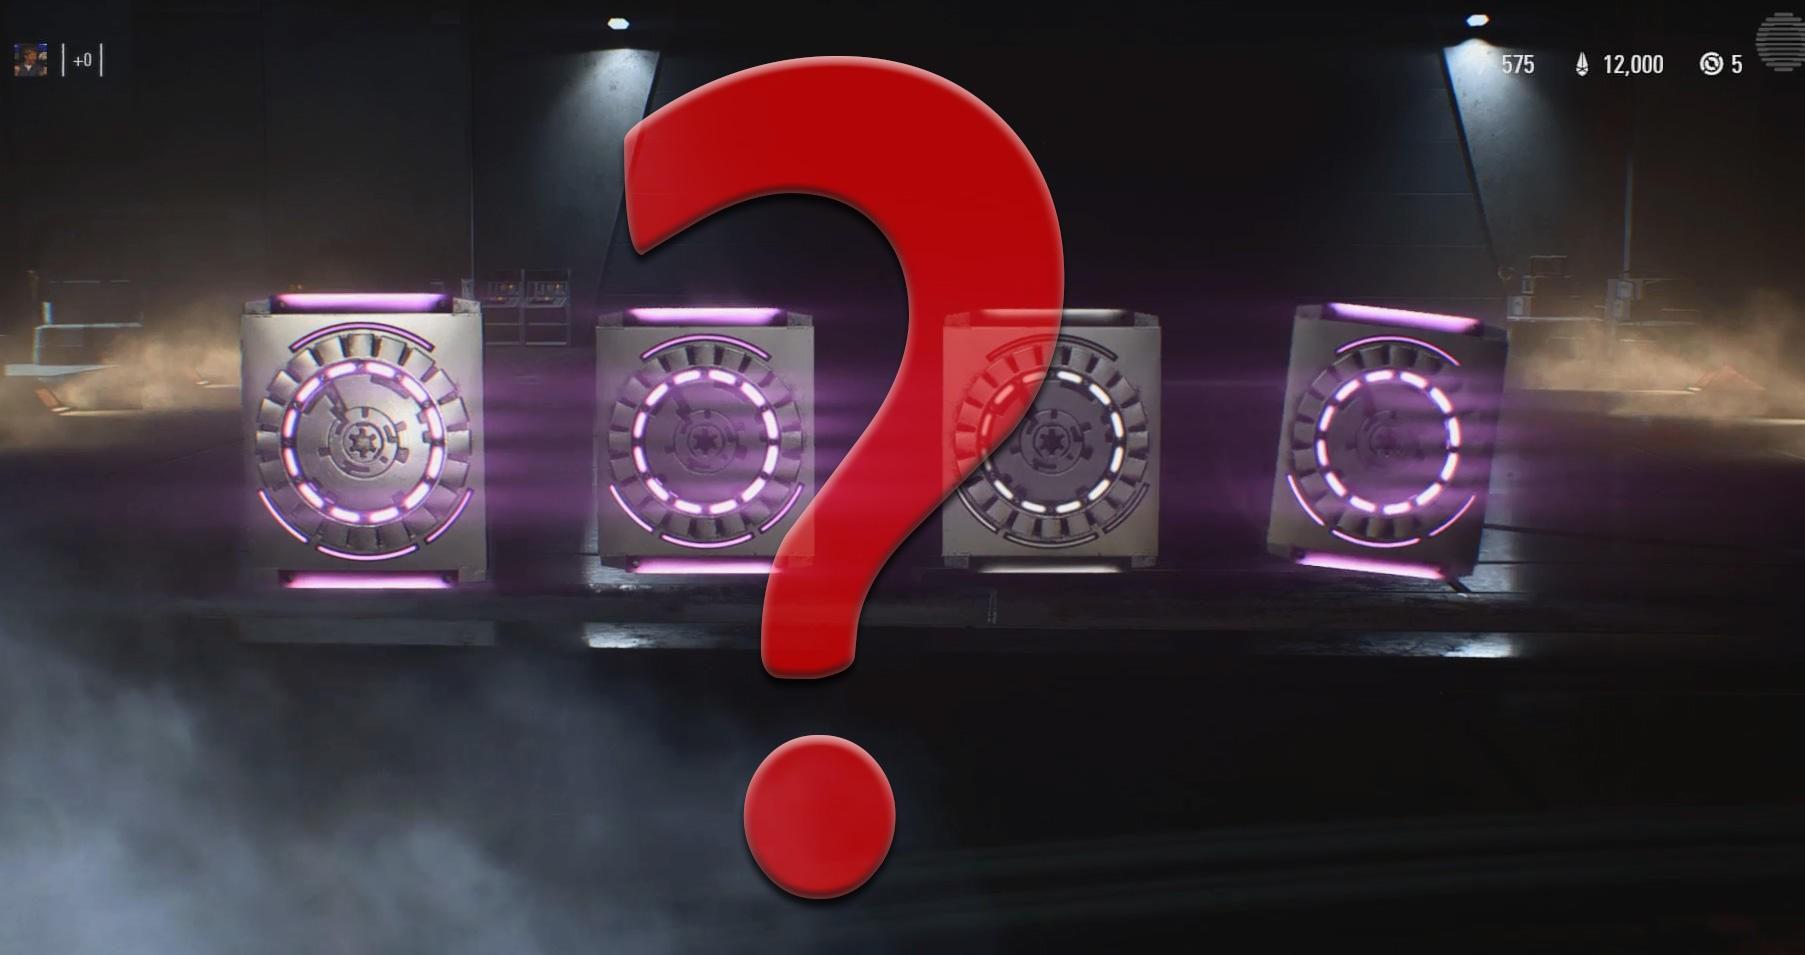 Hva ligger det bak disse ikonene? Det er helt tilfeldig - og du må bruke penger for å finne det ut. Er det gambling?